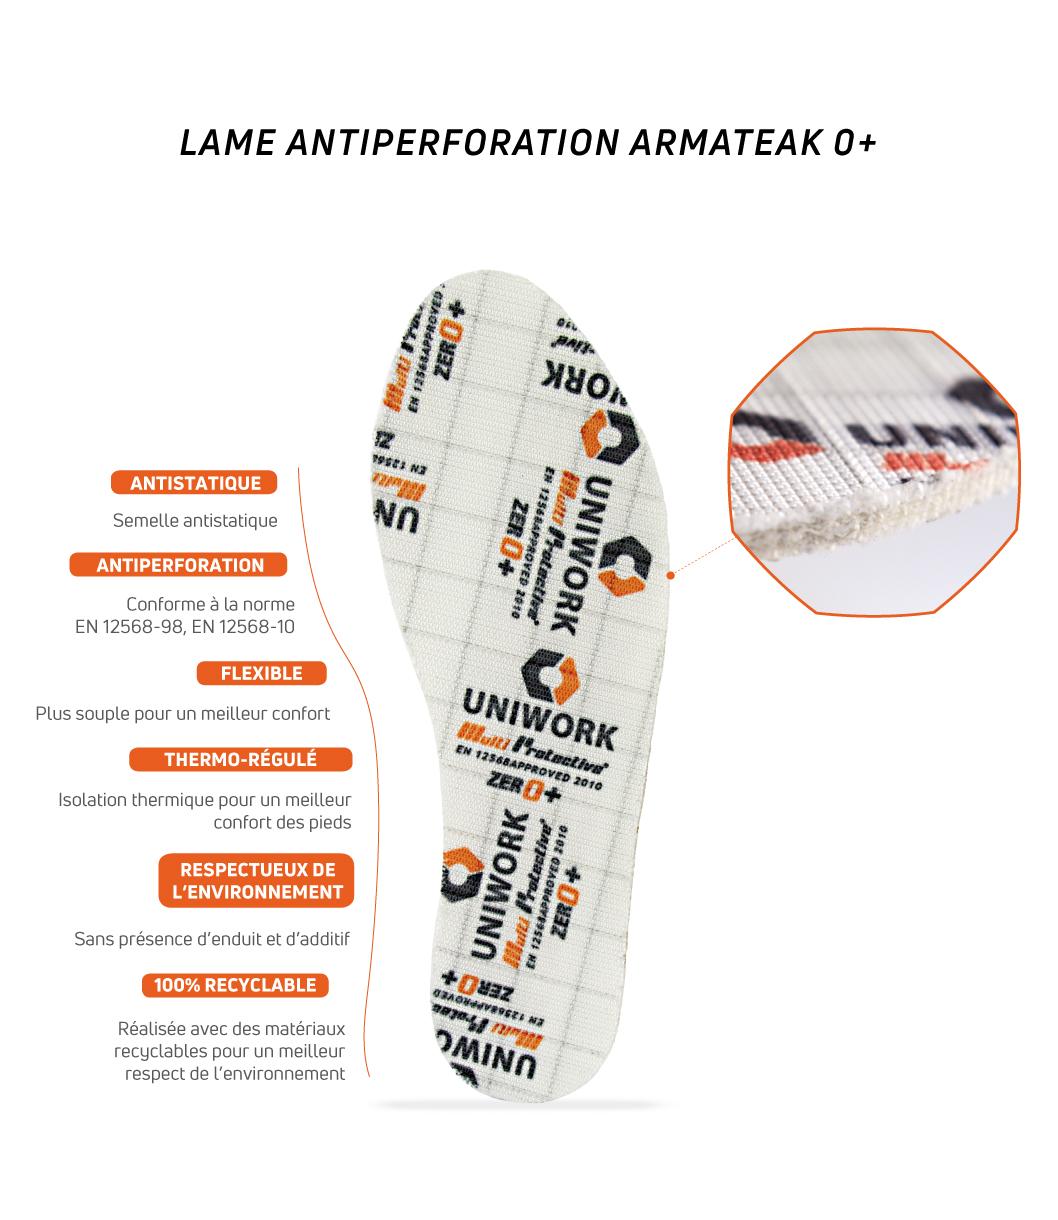 lame antiperforation pour chaussures de sécurité